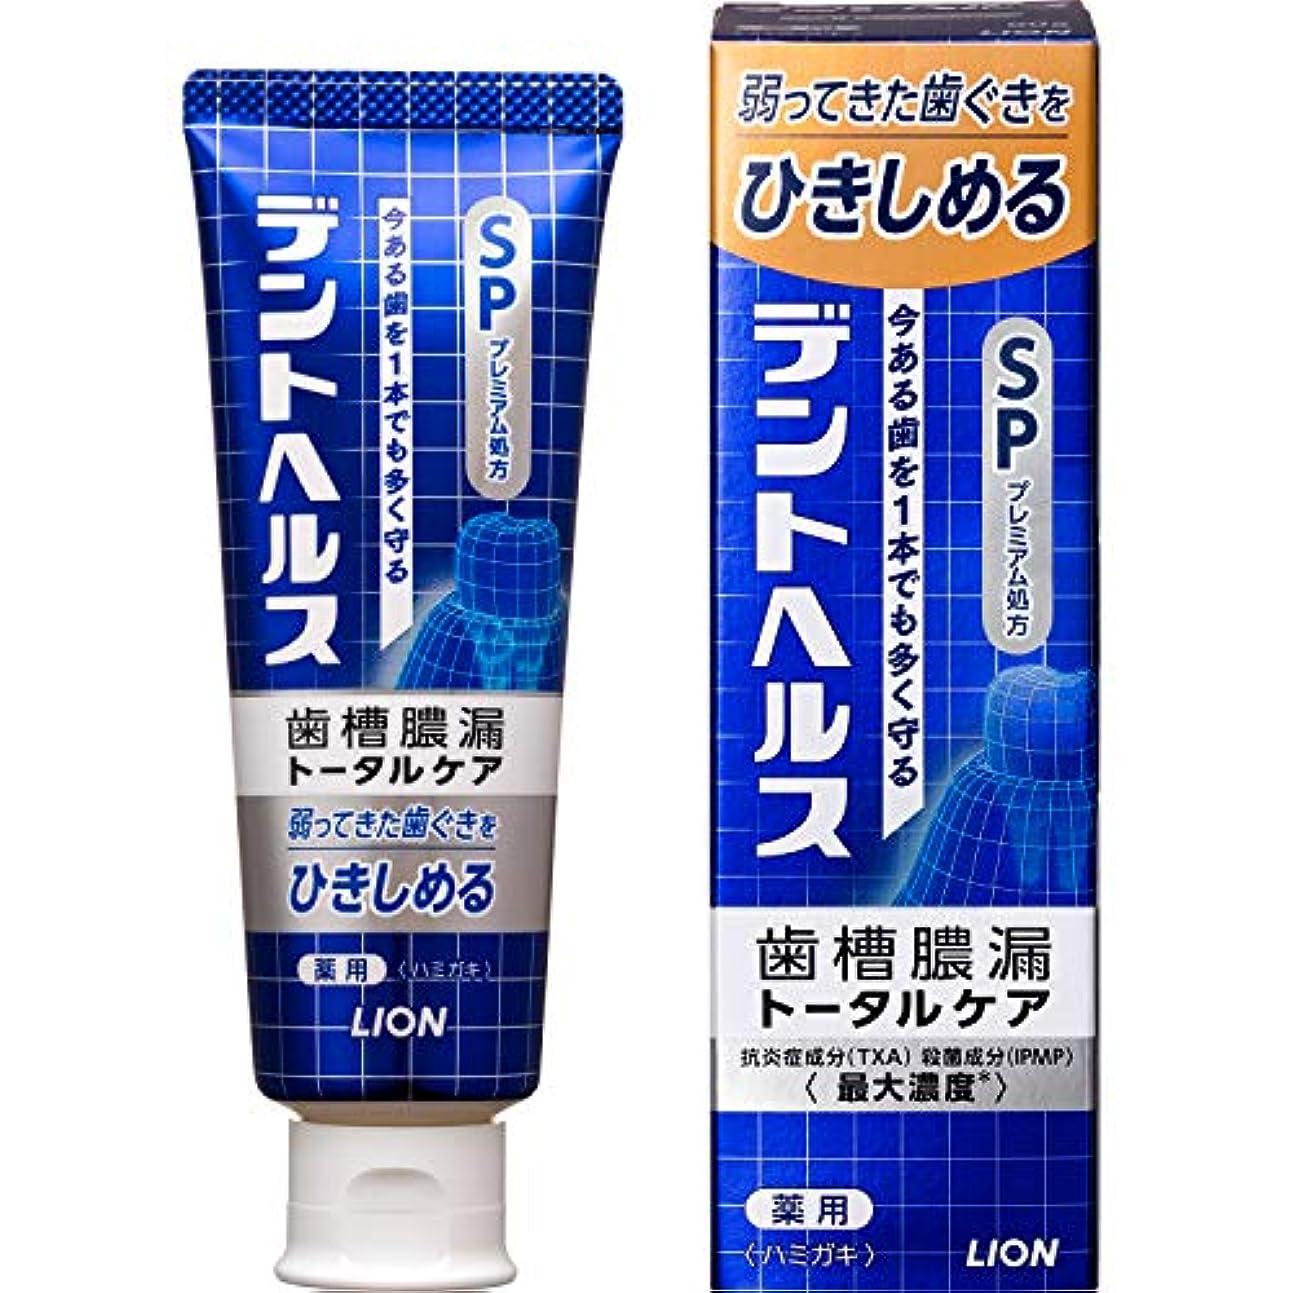 アスレチックカエルパブ歯槽膿漏予防に デントヘルス 薬用ハミガキSP 90g (医薬部外品)